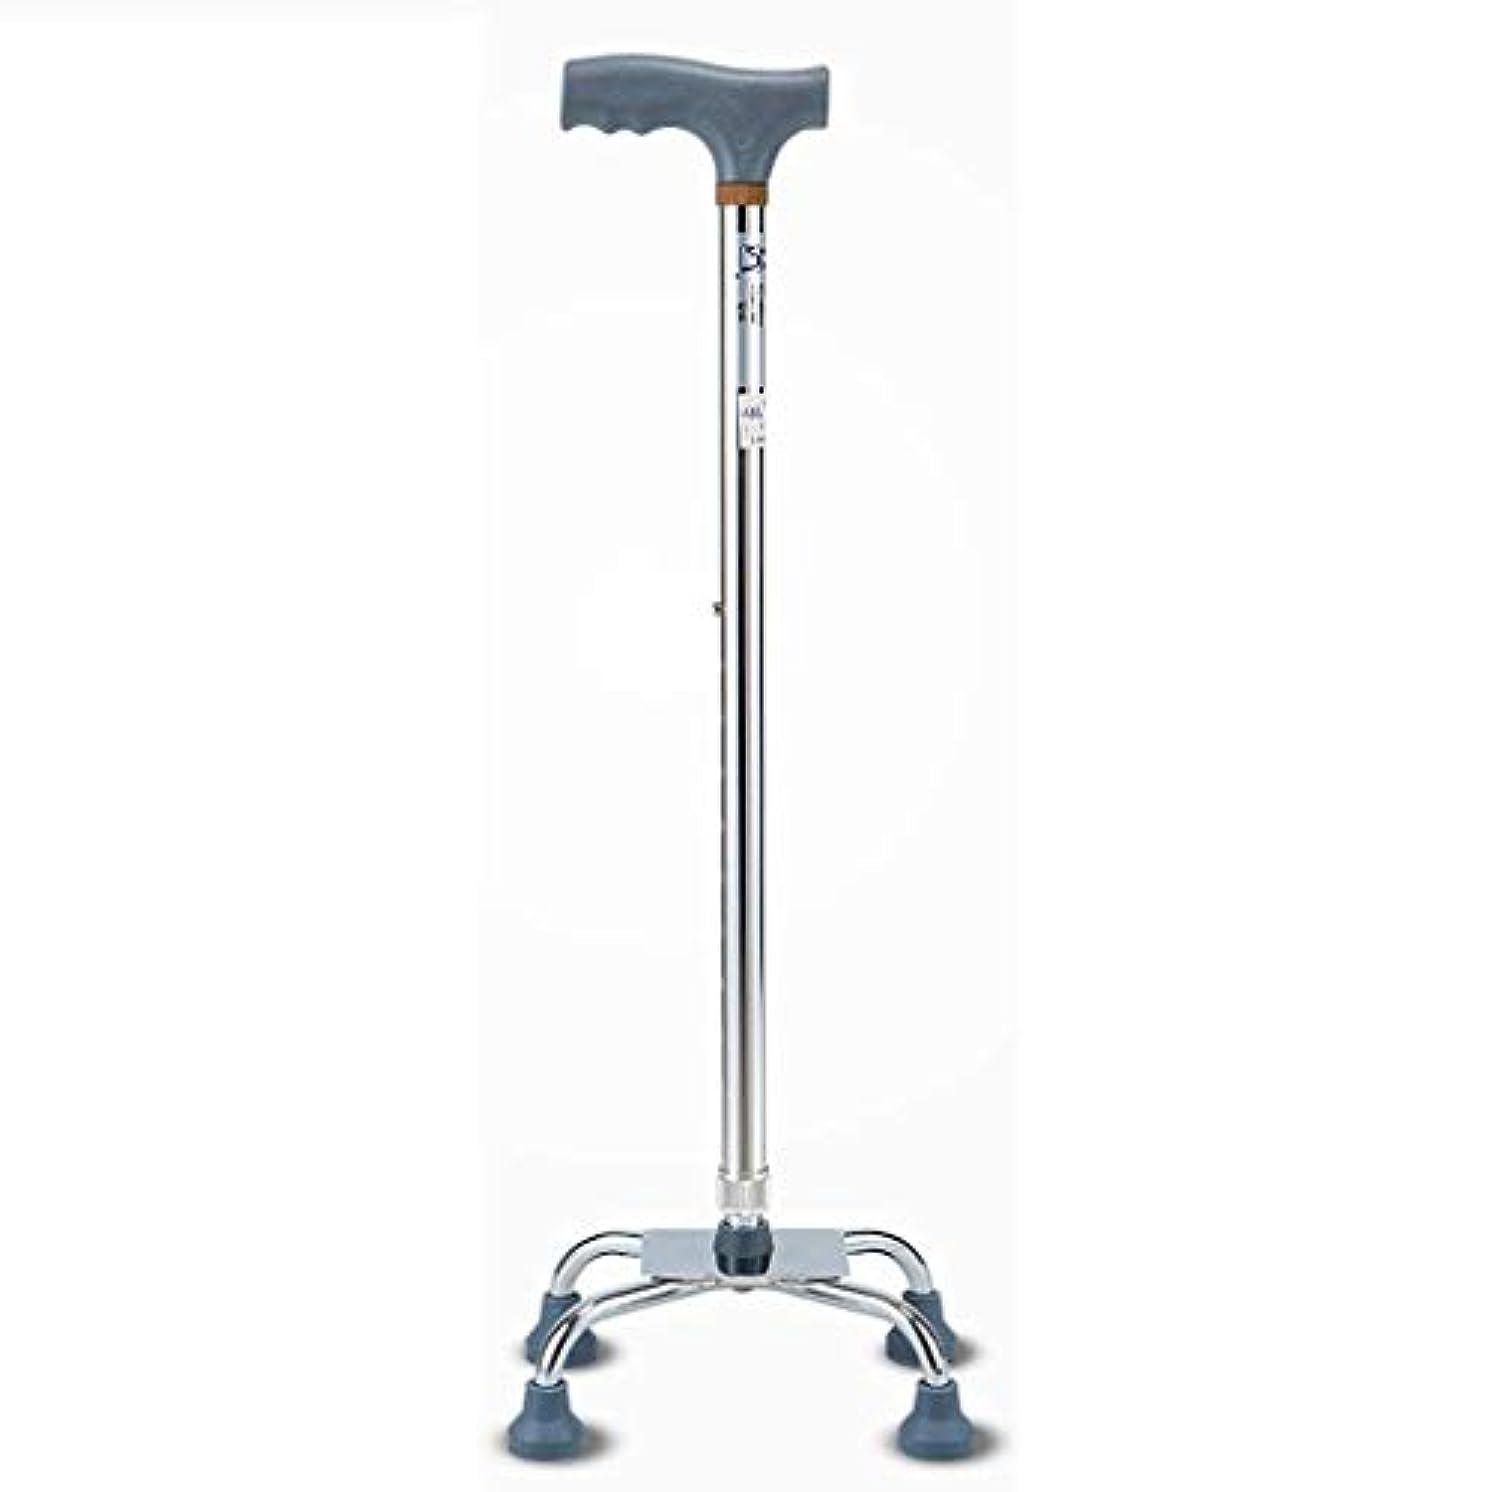 クライアント意図大騒ぎオールドマン松葉杖医療松葉杖ケイン四足テレスコピックノンスリップ軽量ウォーカー四隅杖